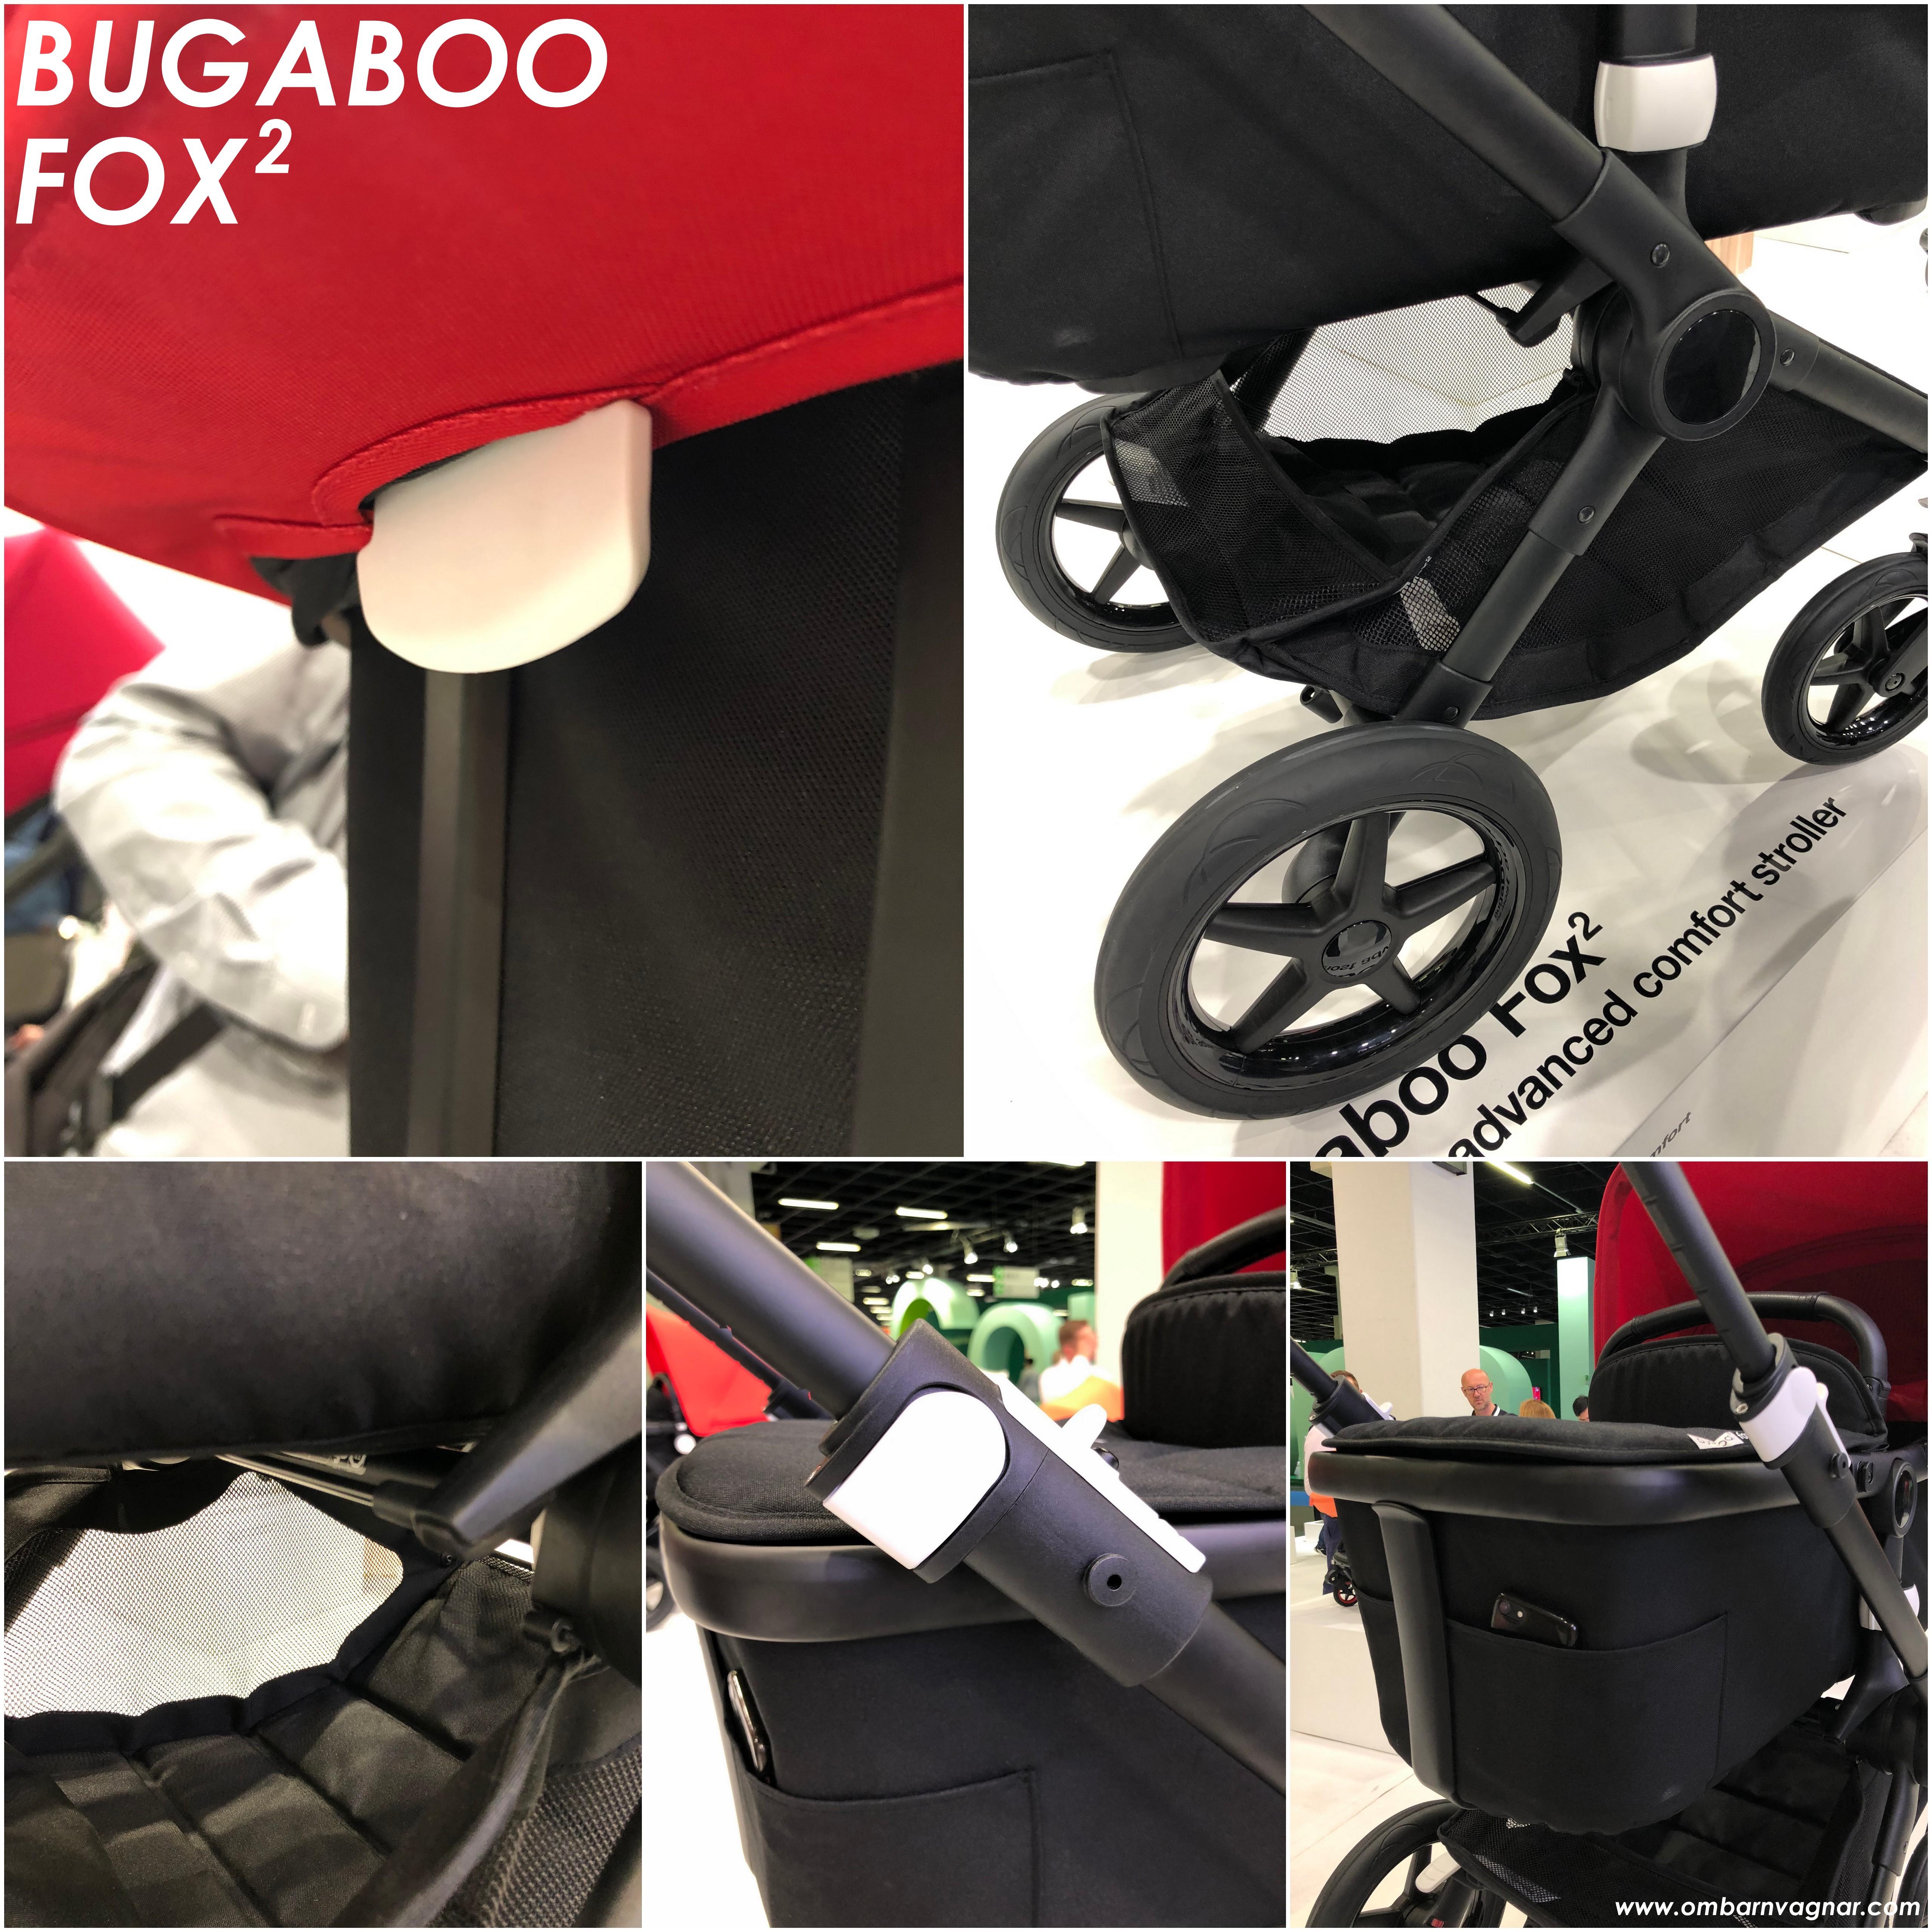 Bugaboo Fox 2 har många förbättrade funktioner, såsom smidigare fällning av sittdelen